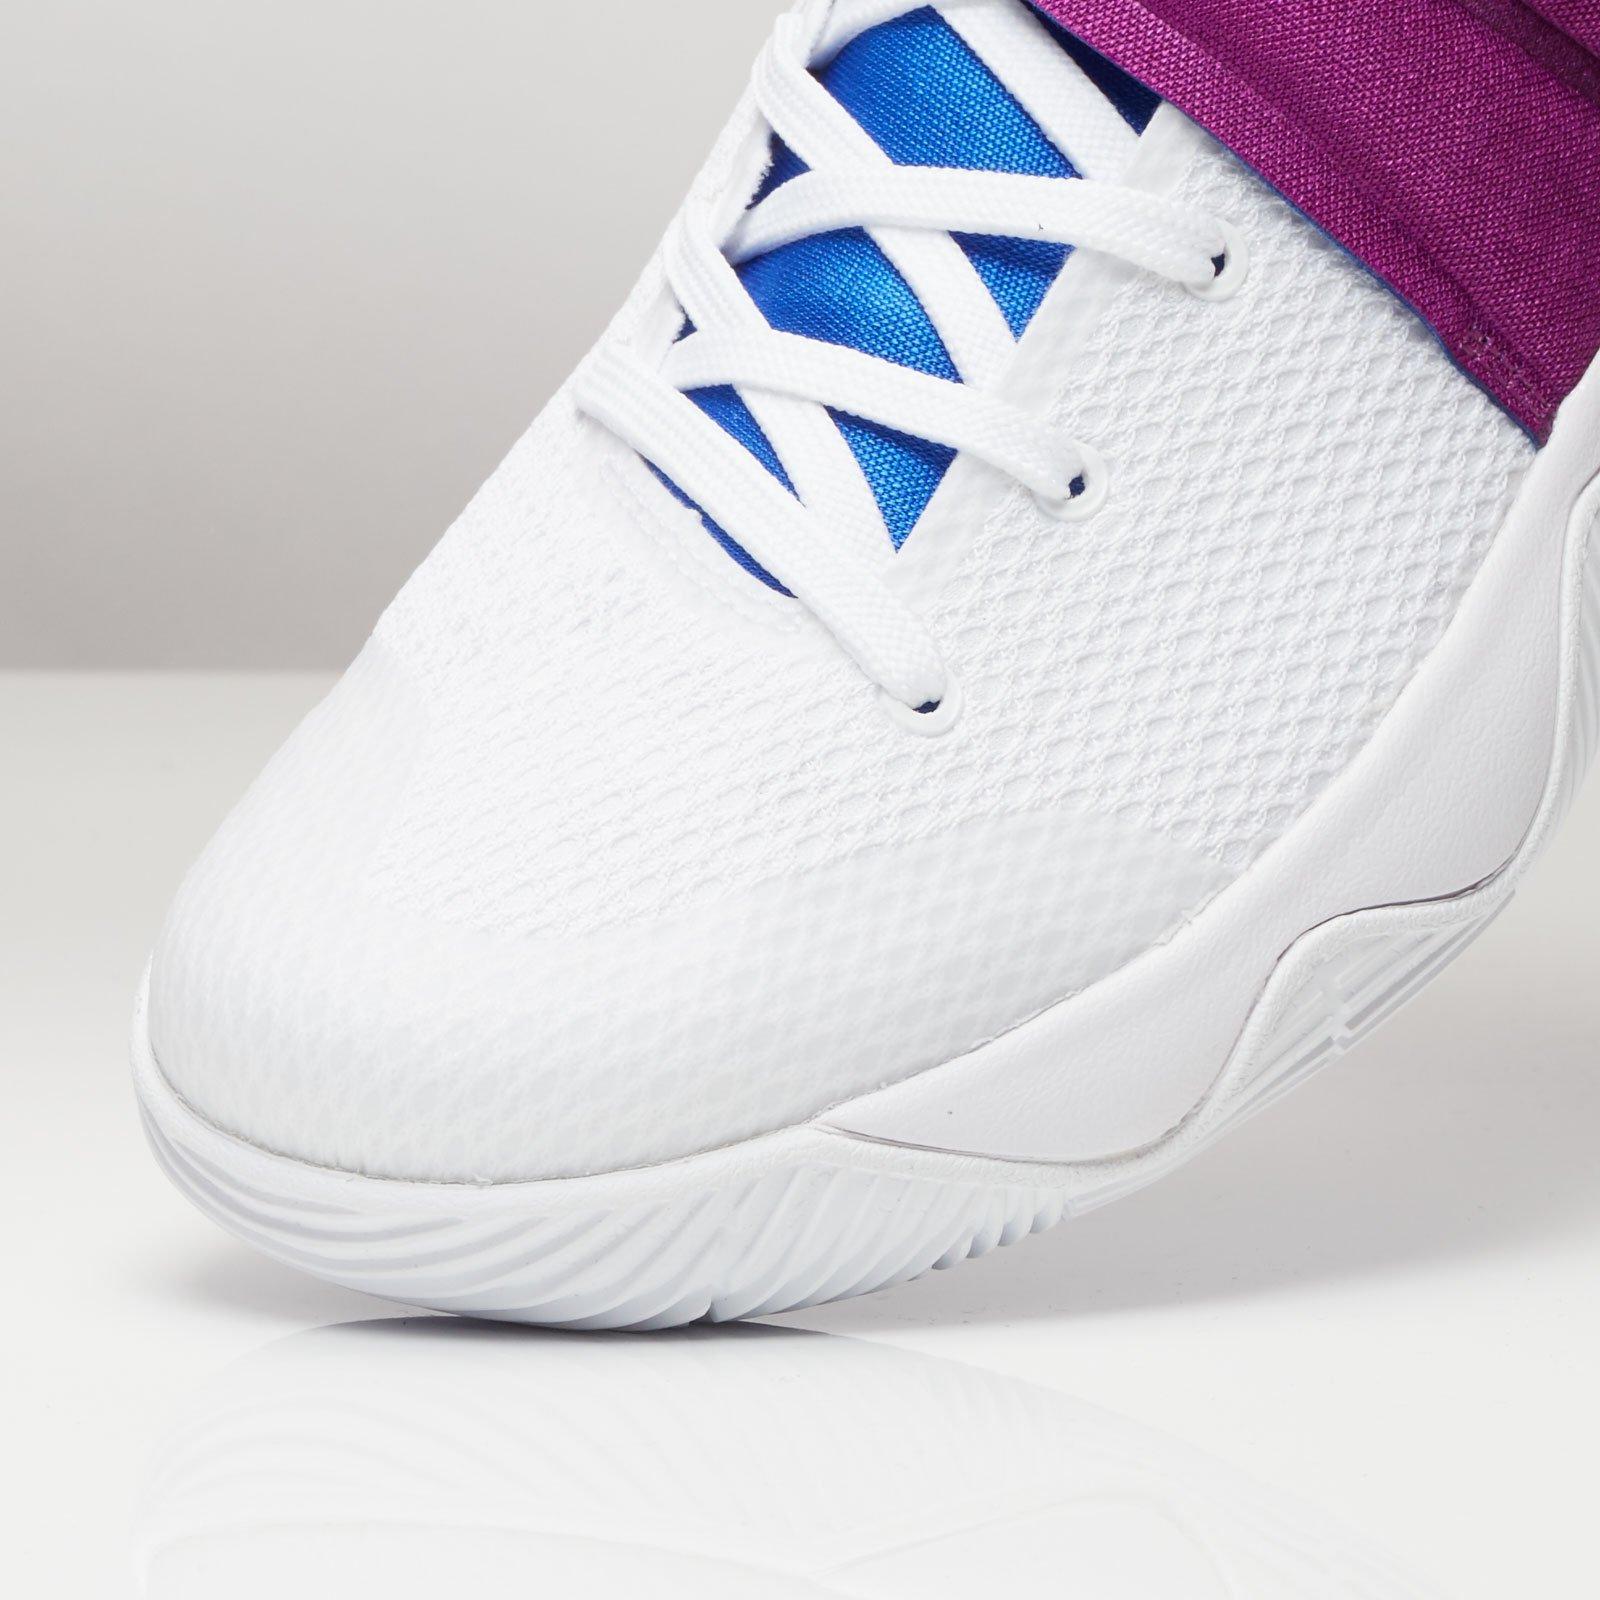 buy online d7b5a 4dc52 Nike Kyrie 2 - 819583-104 - Sneakersnstuff | sneakers & streetwear online  since 1999